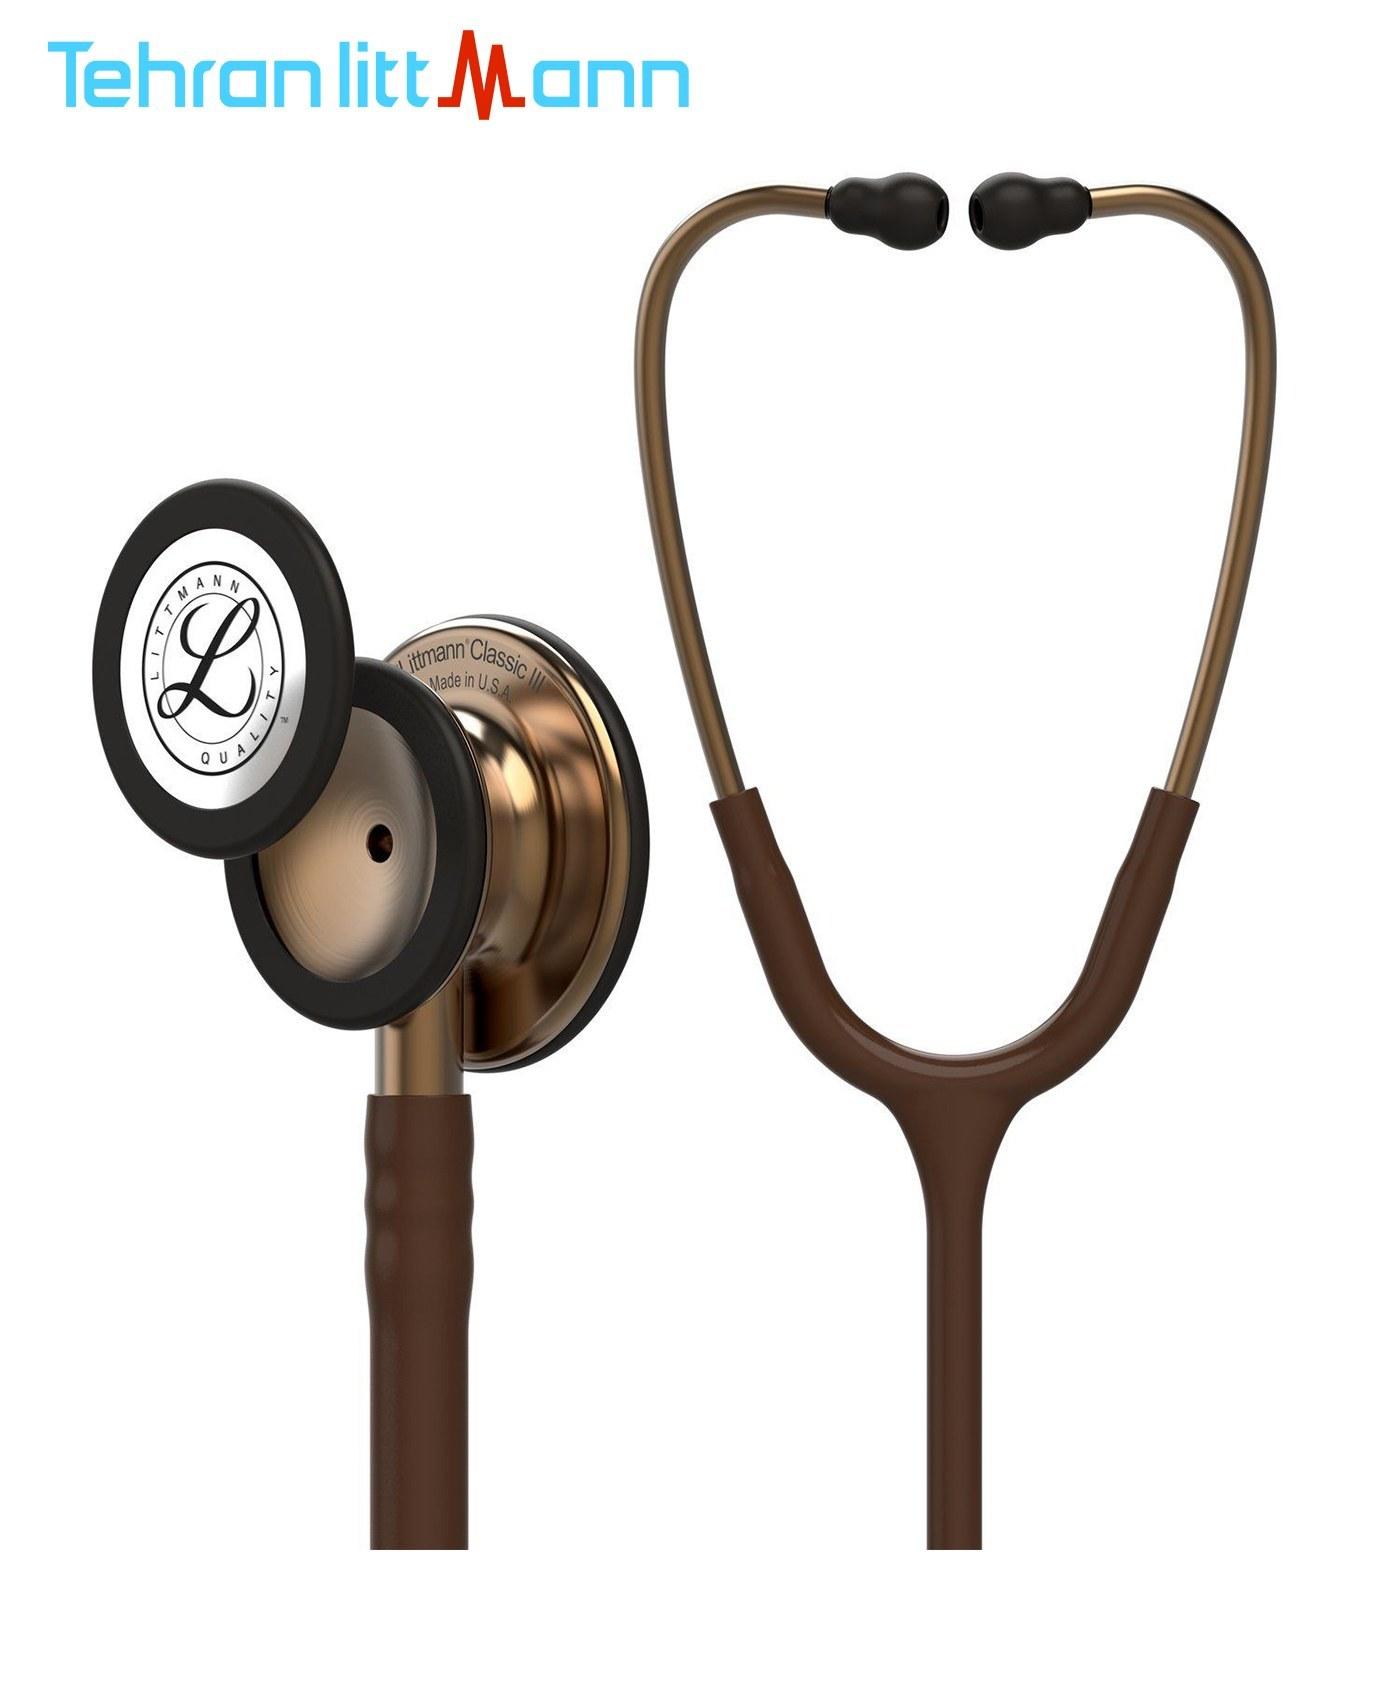 تصویر گوشی پزشکی لیتمن کلاسیک 3 شکلاتی مسی 5809 Littmann Classic III 5809 Stethoscope